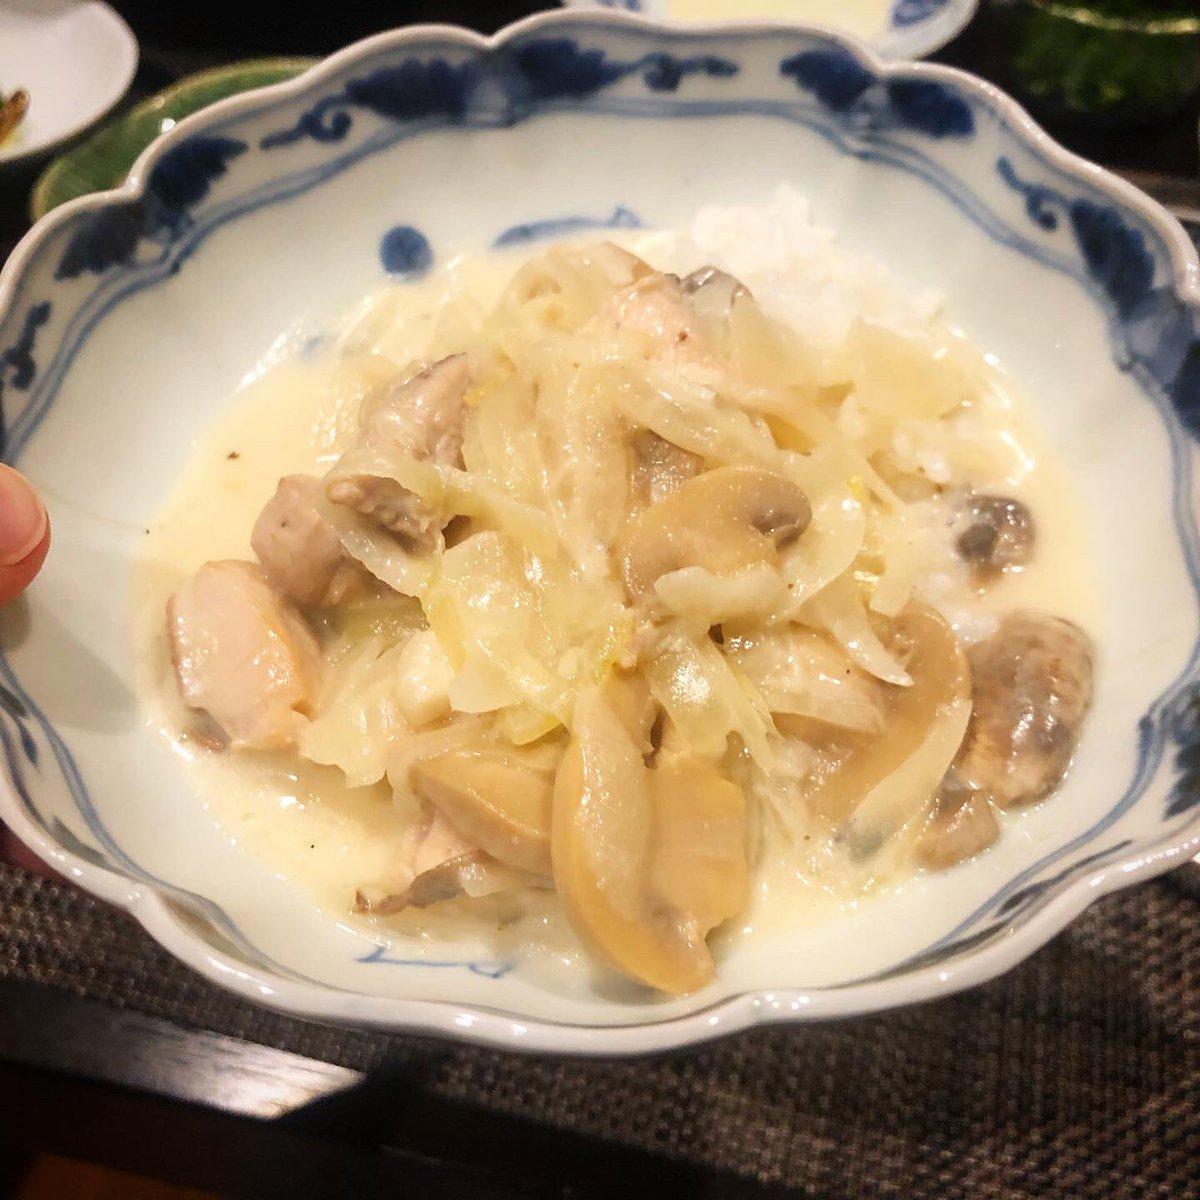 test ツイッターメディア - レキシ池ちゃんやユザーンと、阿川佐和子さんのお家でレモンライスパーティー。阿川家には代々伝わるとても特殊なレモンライスがある。レモン風味ホワイトシチューといった感じで美味しい。レモンライス東京のレモンライスを持参して、食べ比べ、楽しかった! #レモンライス #レモンライス東京 https://t.co/vkUHdYmtGx